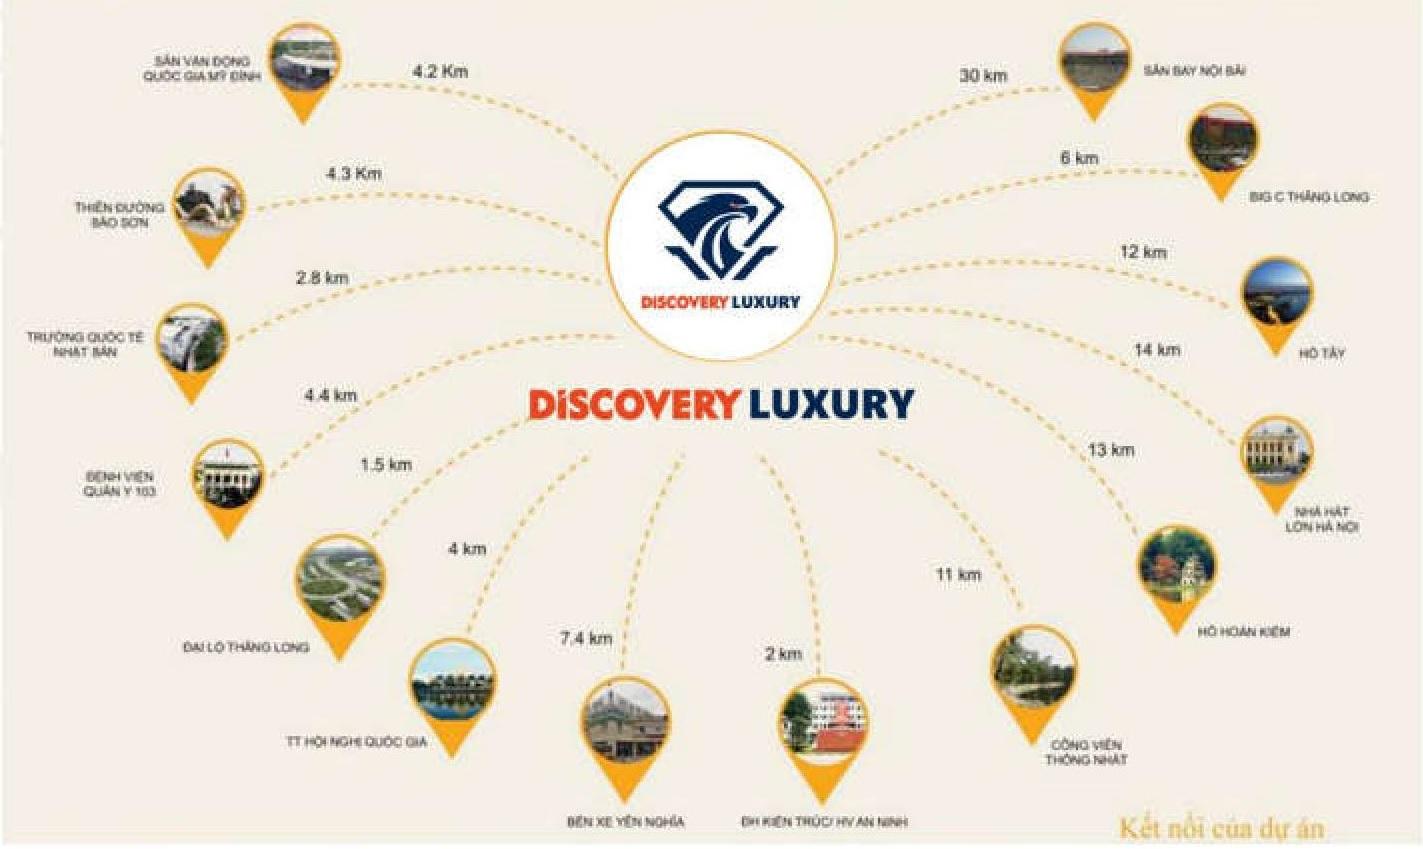 Liên kết vùng dự án Discovery Luxury